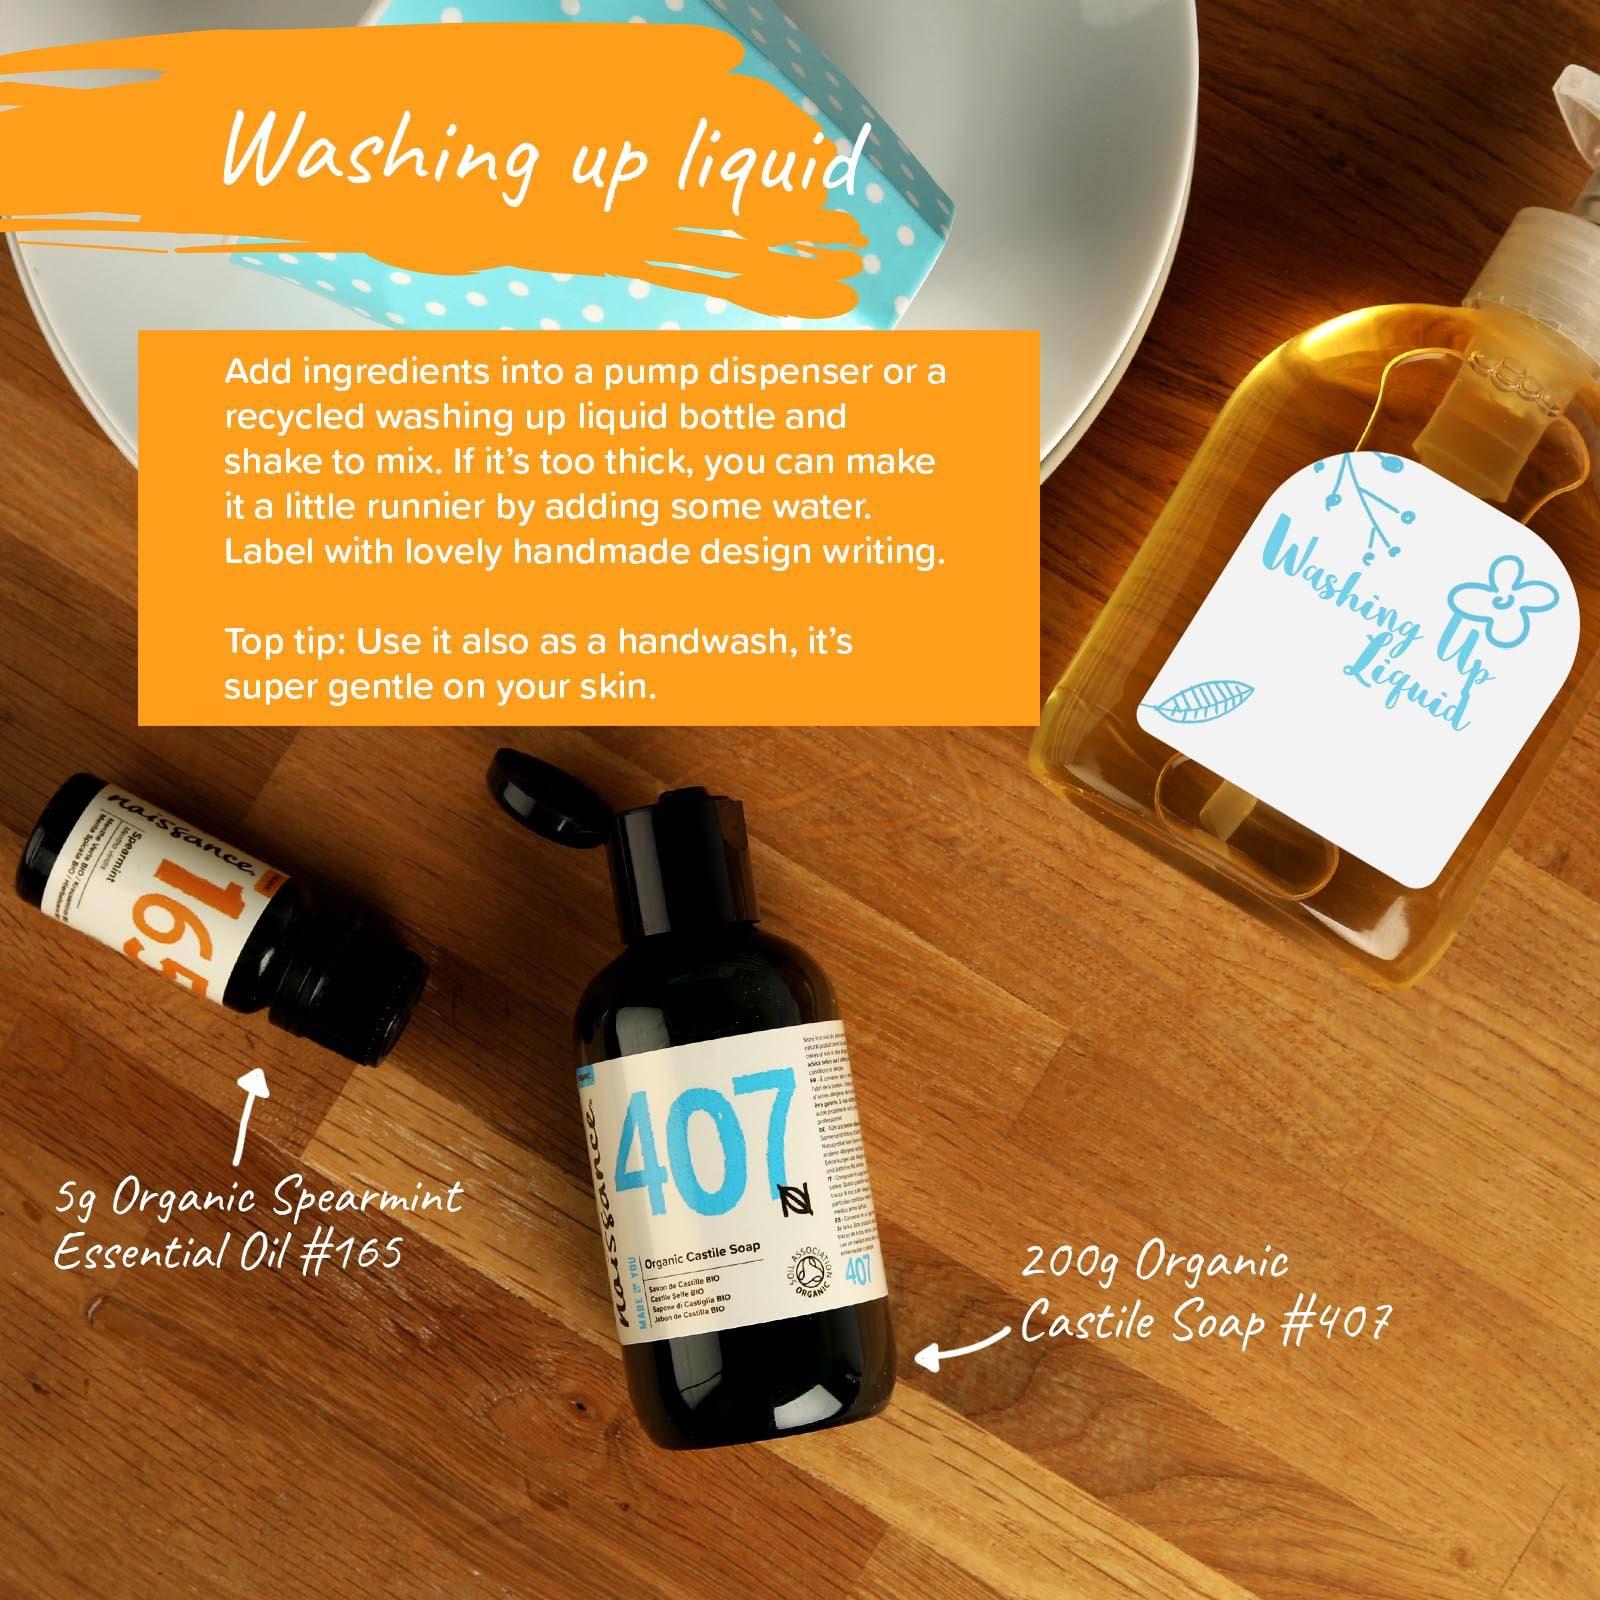 diy natural dish soap